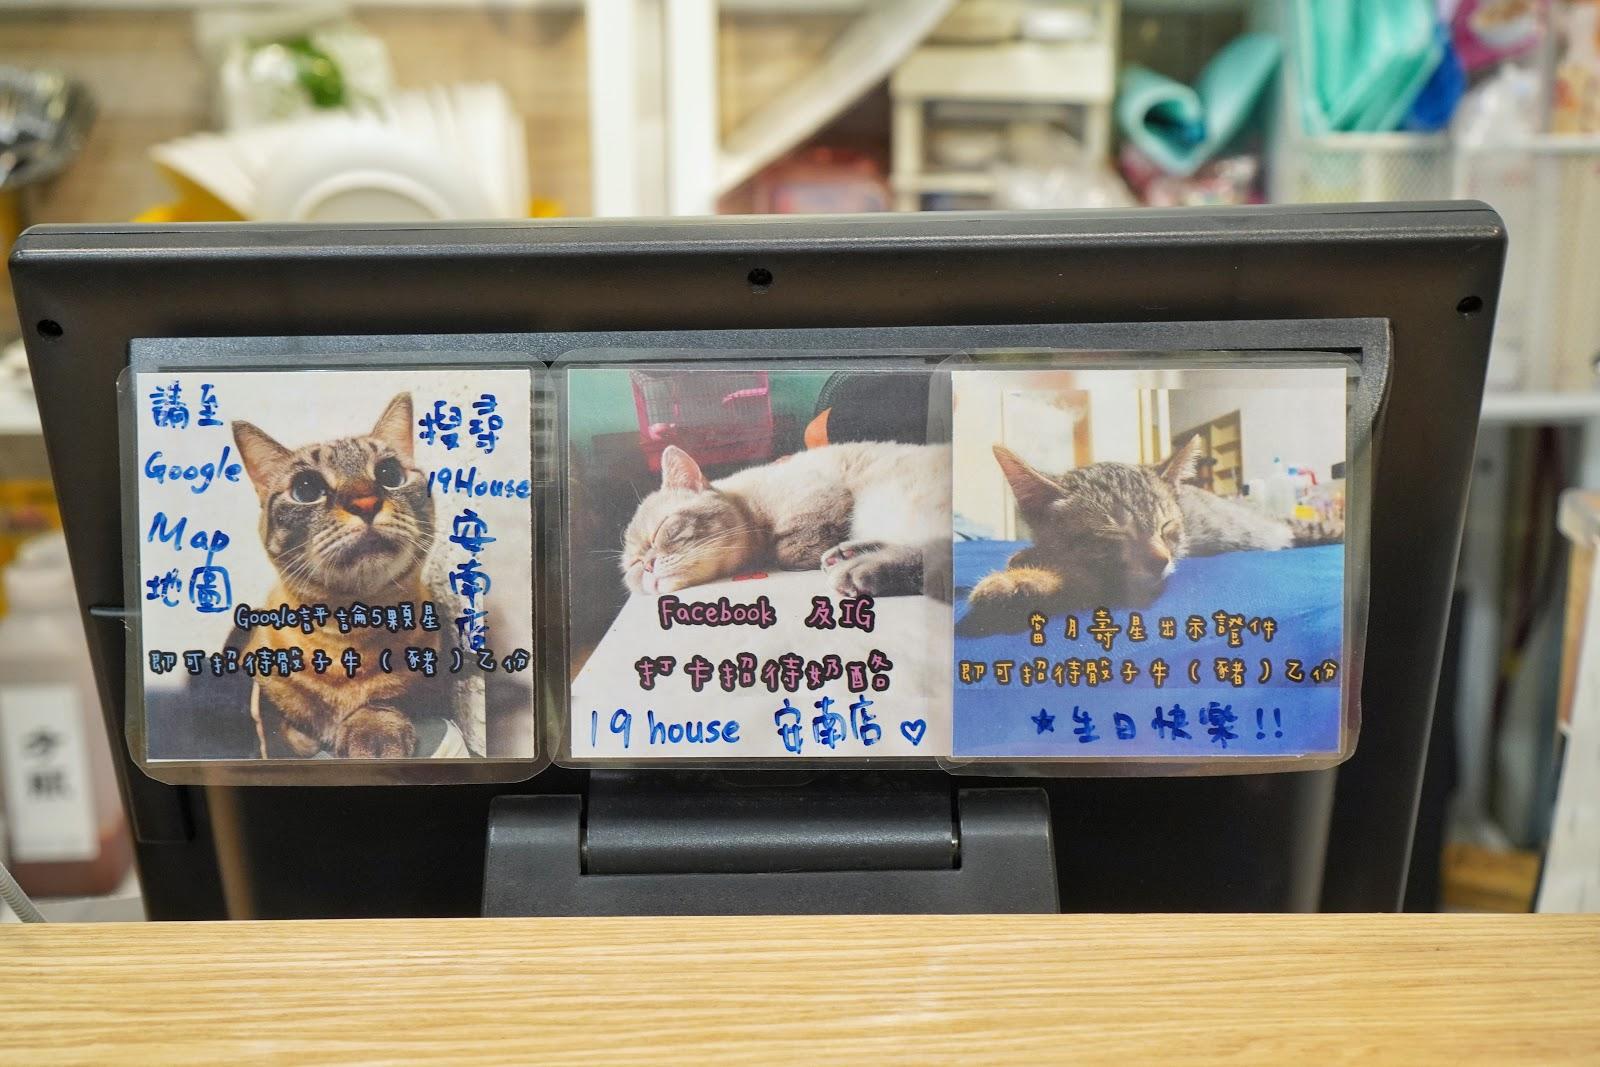 台南安南區美食【19House炙燒牛排安南店】店家活動